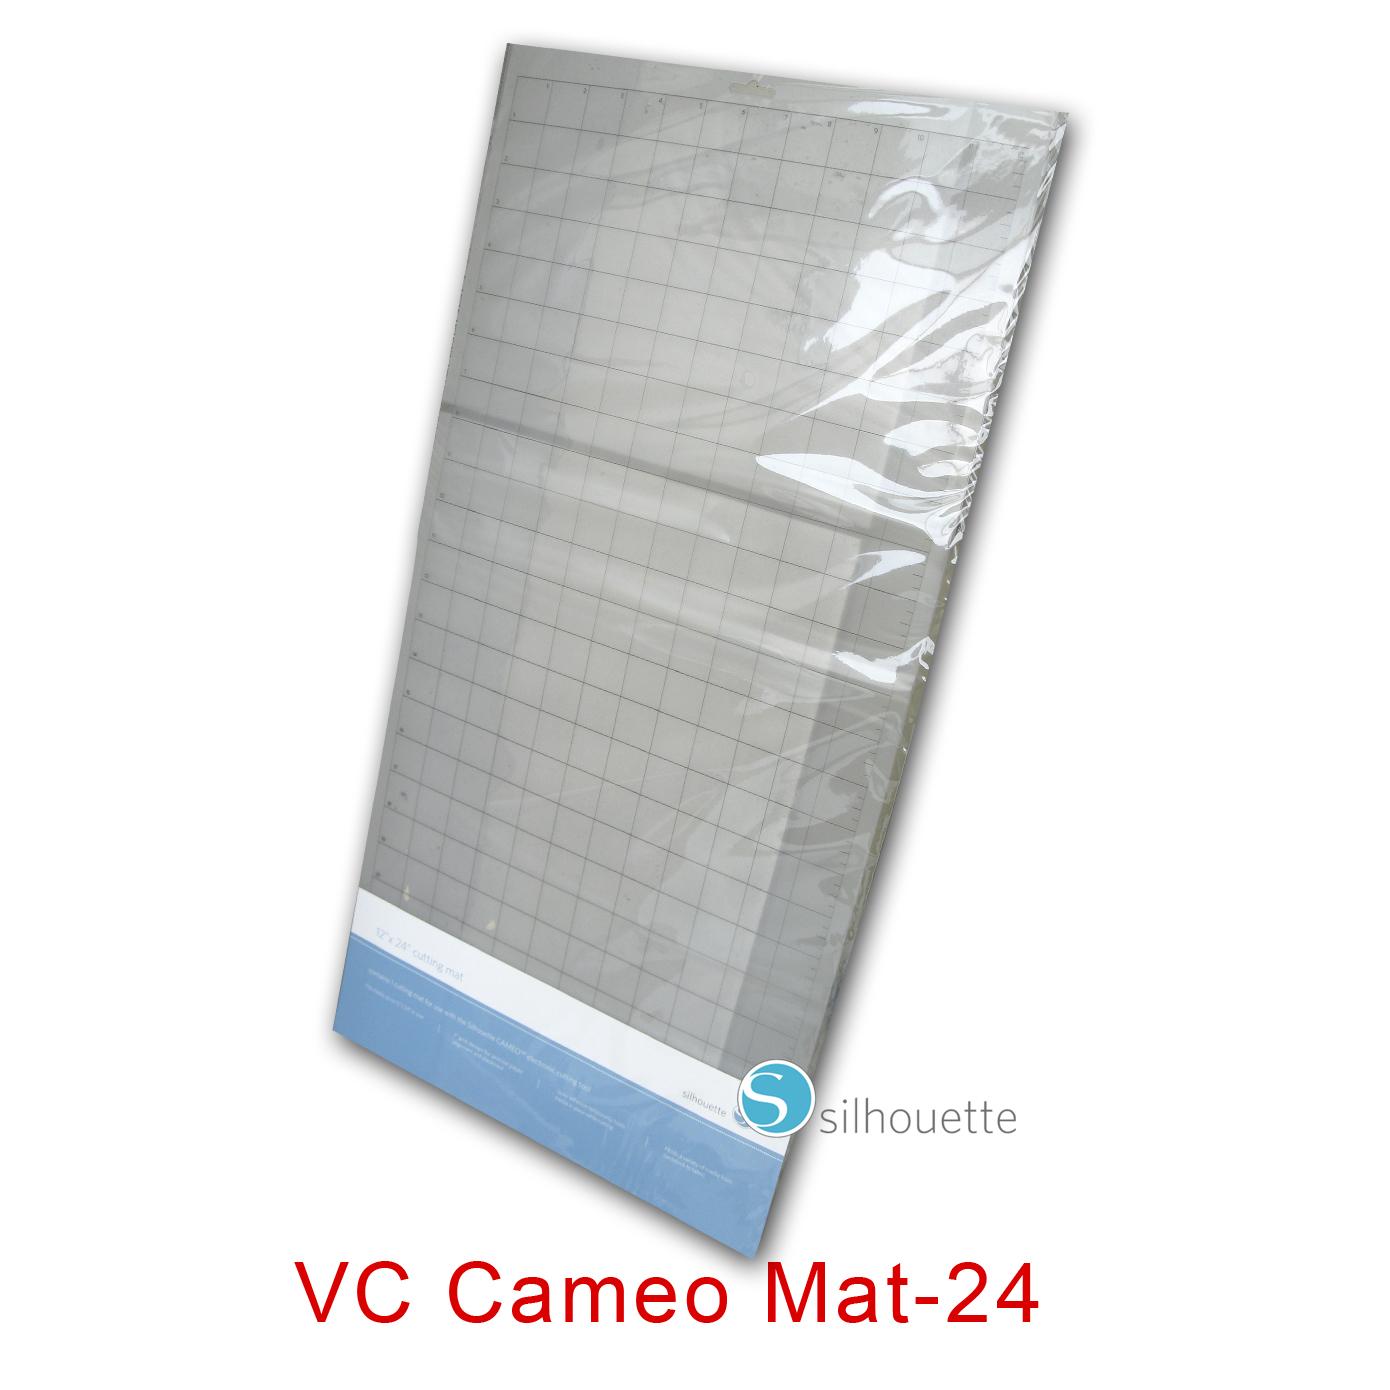 VC Cameo Mat-24